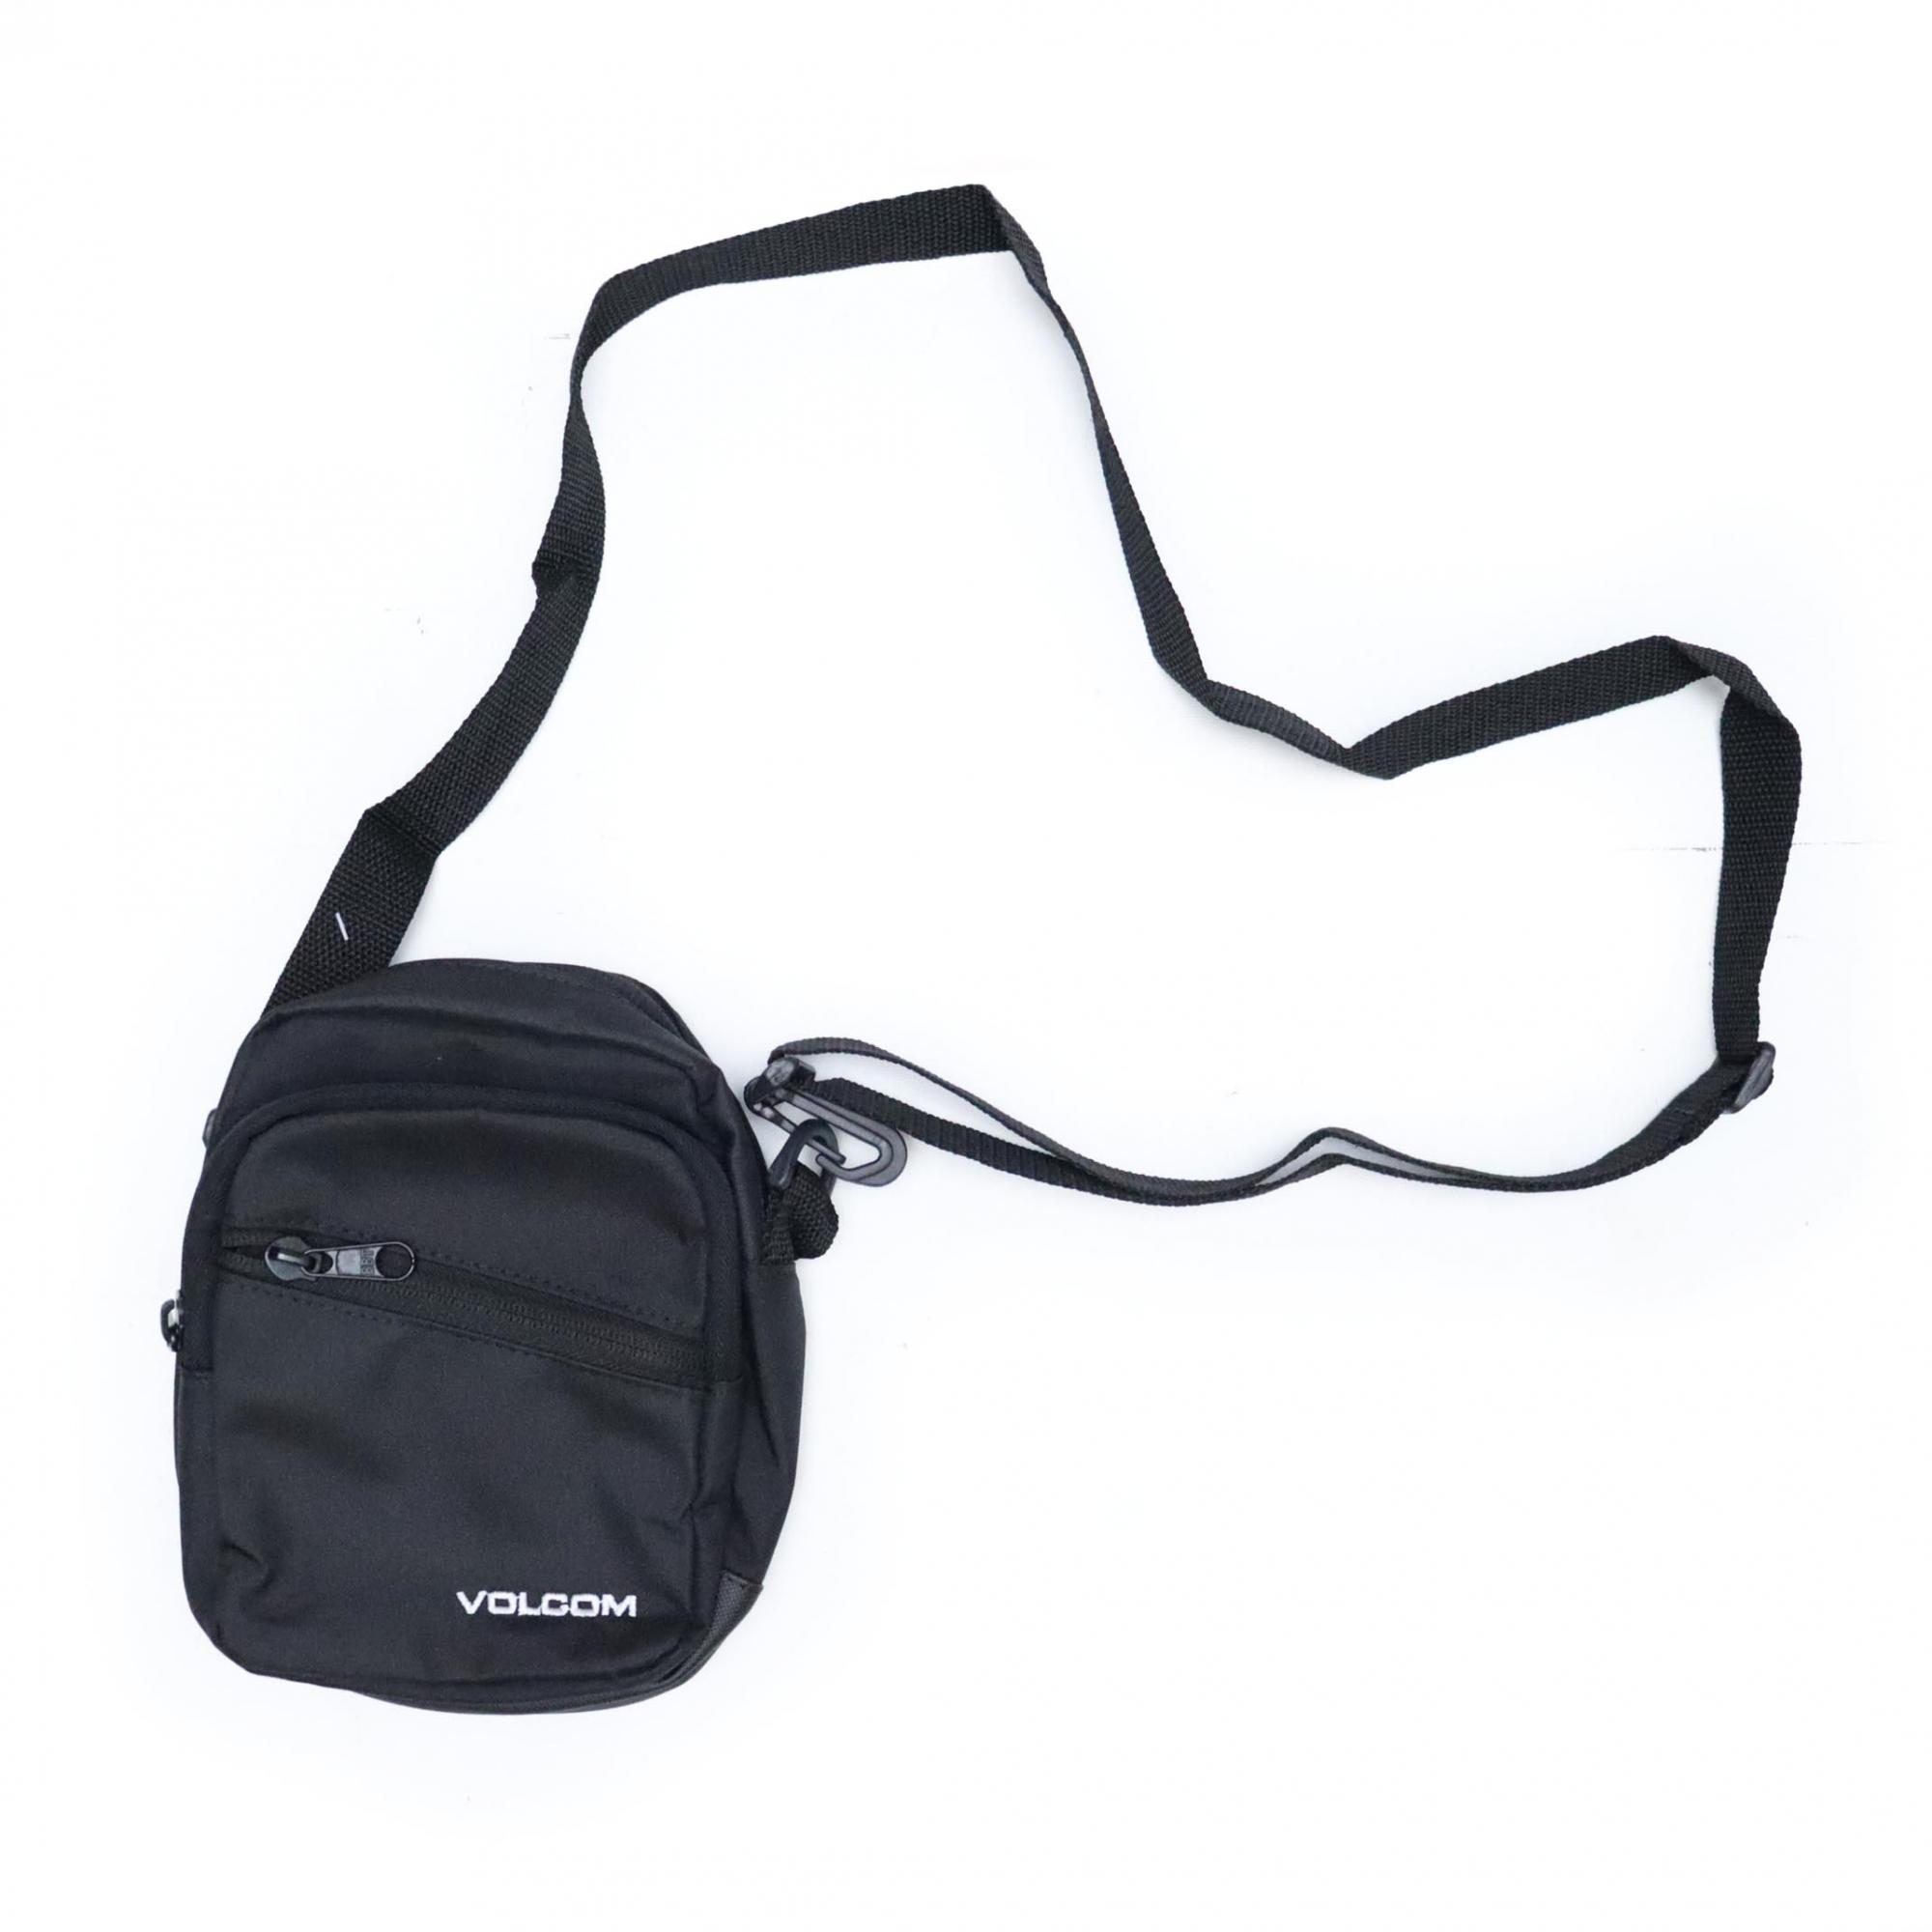 Shoulder Bag Volcom Corporate - Preto